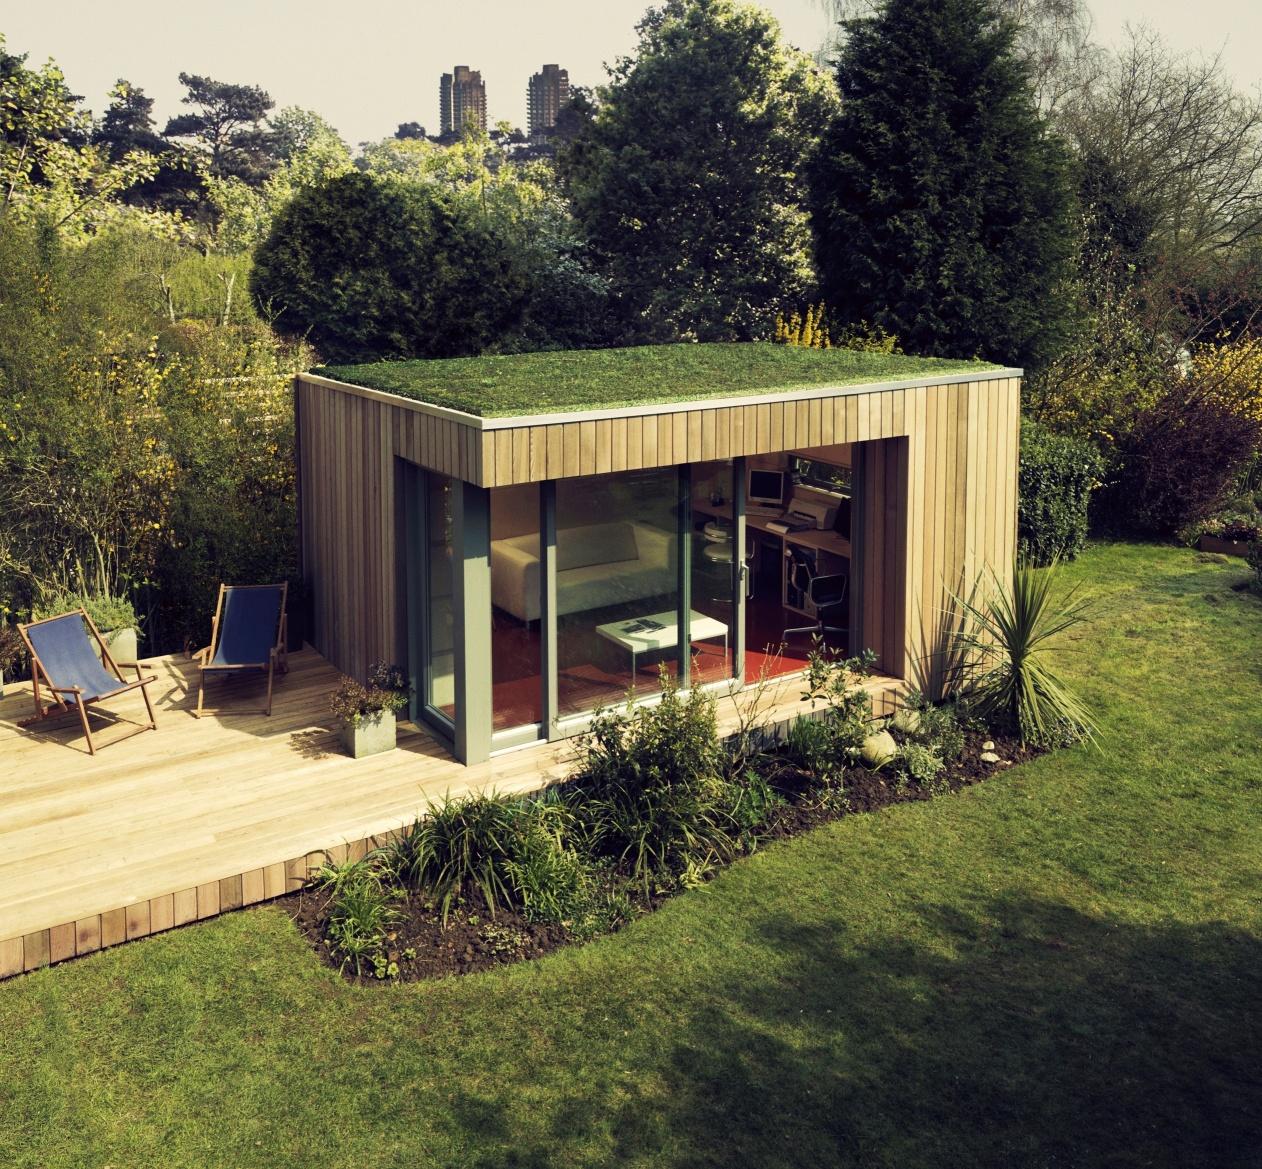 Home Office And Studio Designs: Bahçe Dekorasyonu İle Renkli Dünyalar